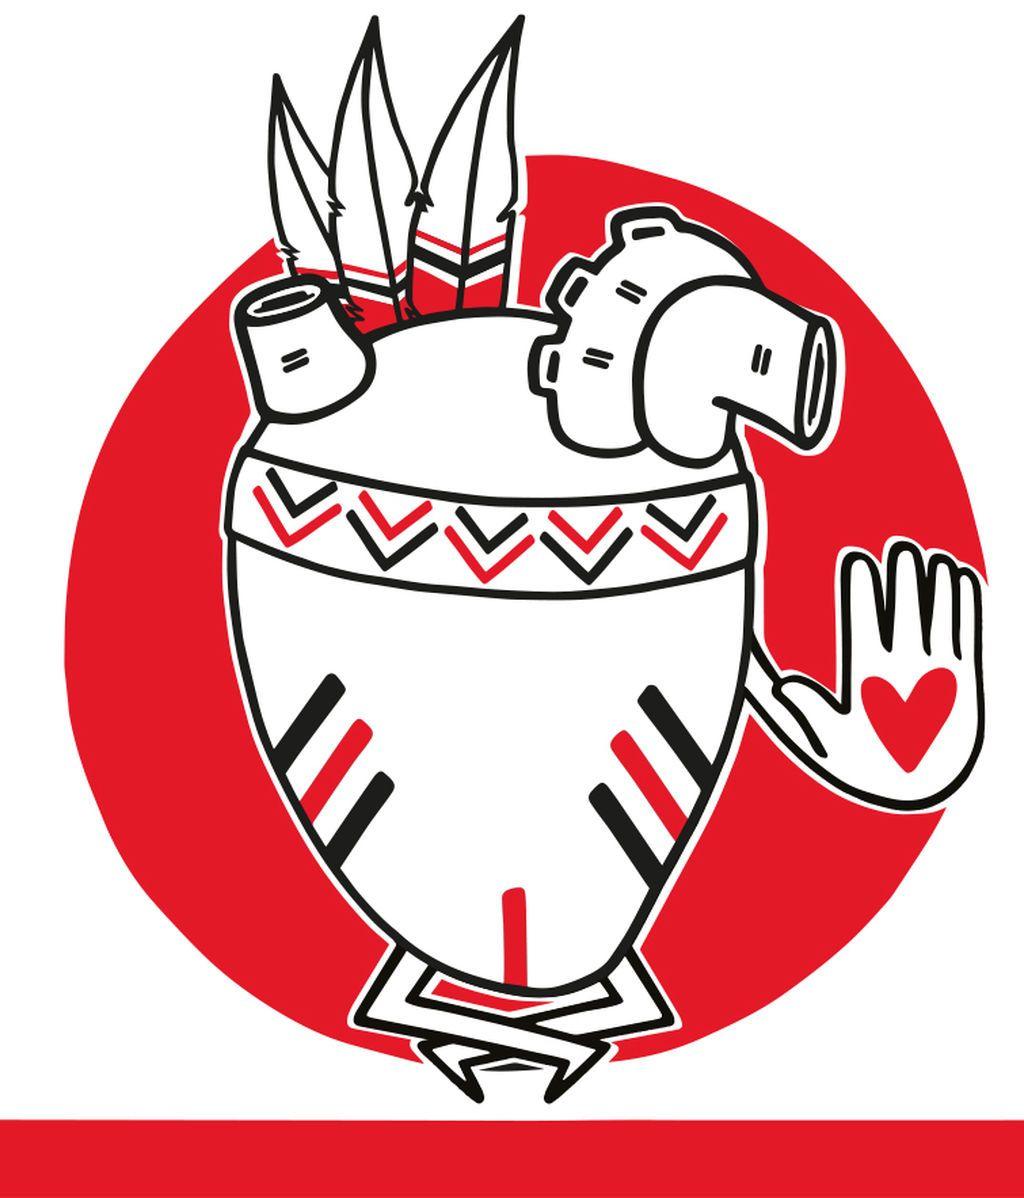 La tribu del corazón